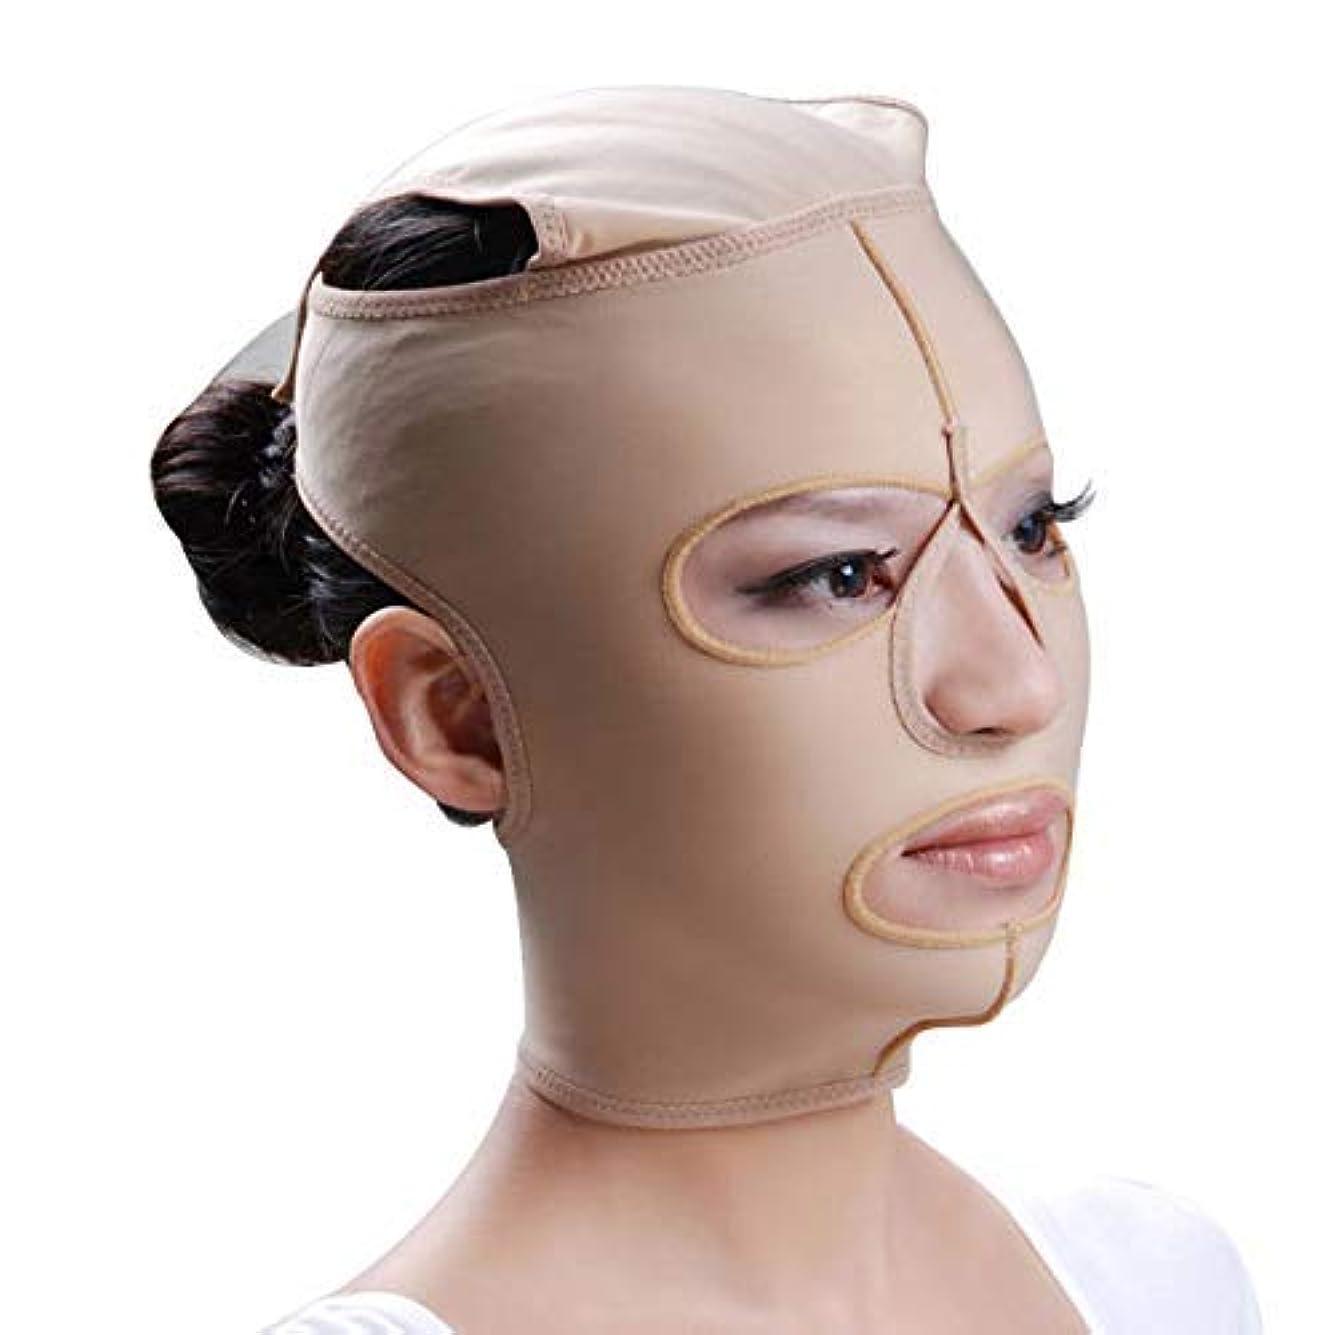 運営リブデータベースファーミングフェイスマスク、フェイシャルマスクエラスティックフェイスリフティングリフティングファーミングパターンマイクロフィニッシングポストモデリングコンプレッションフェイスマスク(サイズ:S),L